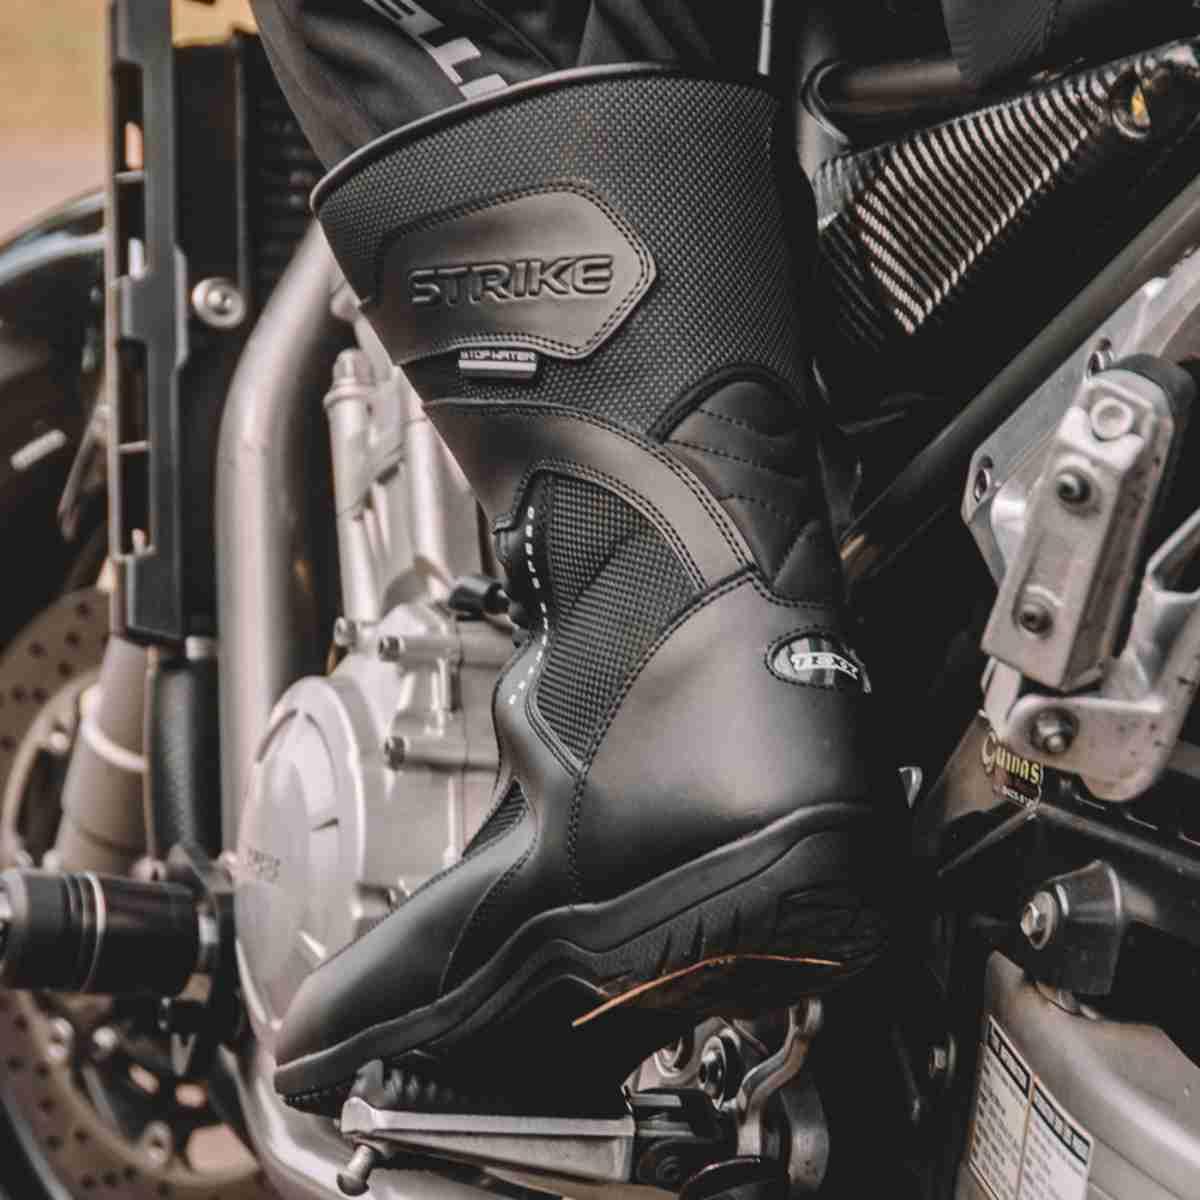 BOTA DE MOTO  IMPERMEÁVEL PROTEGE CHUVA PÉ TORNOZELO MOTOQUEIRO MOTOCICLISTA TEXX STRIKE V2 PRETA